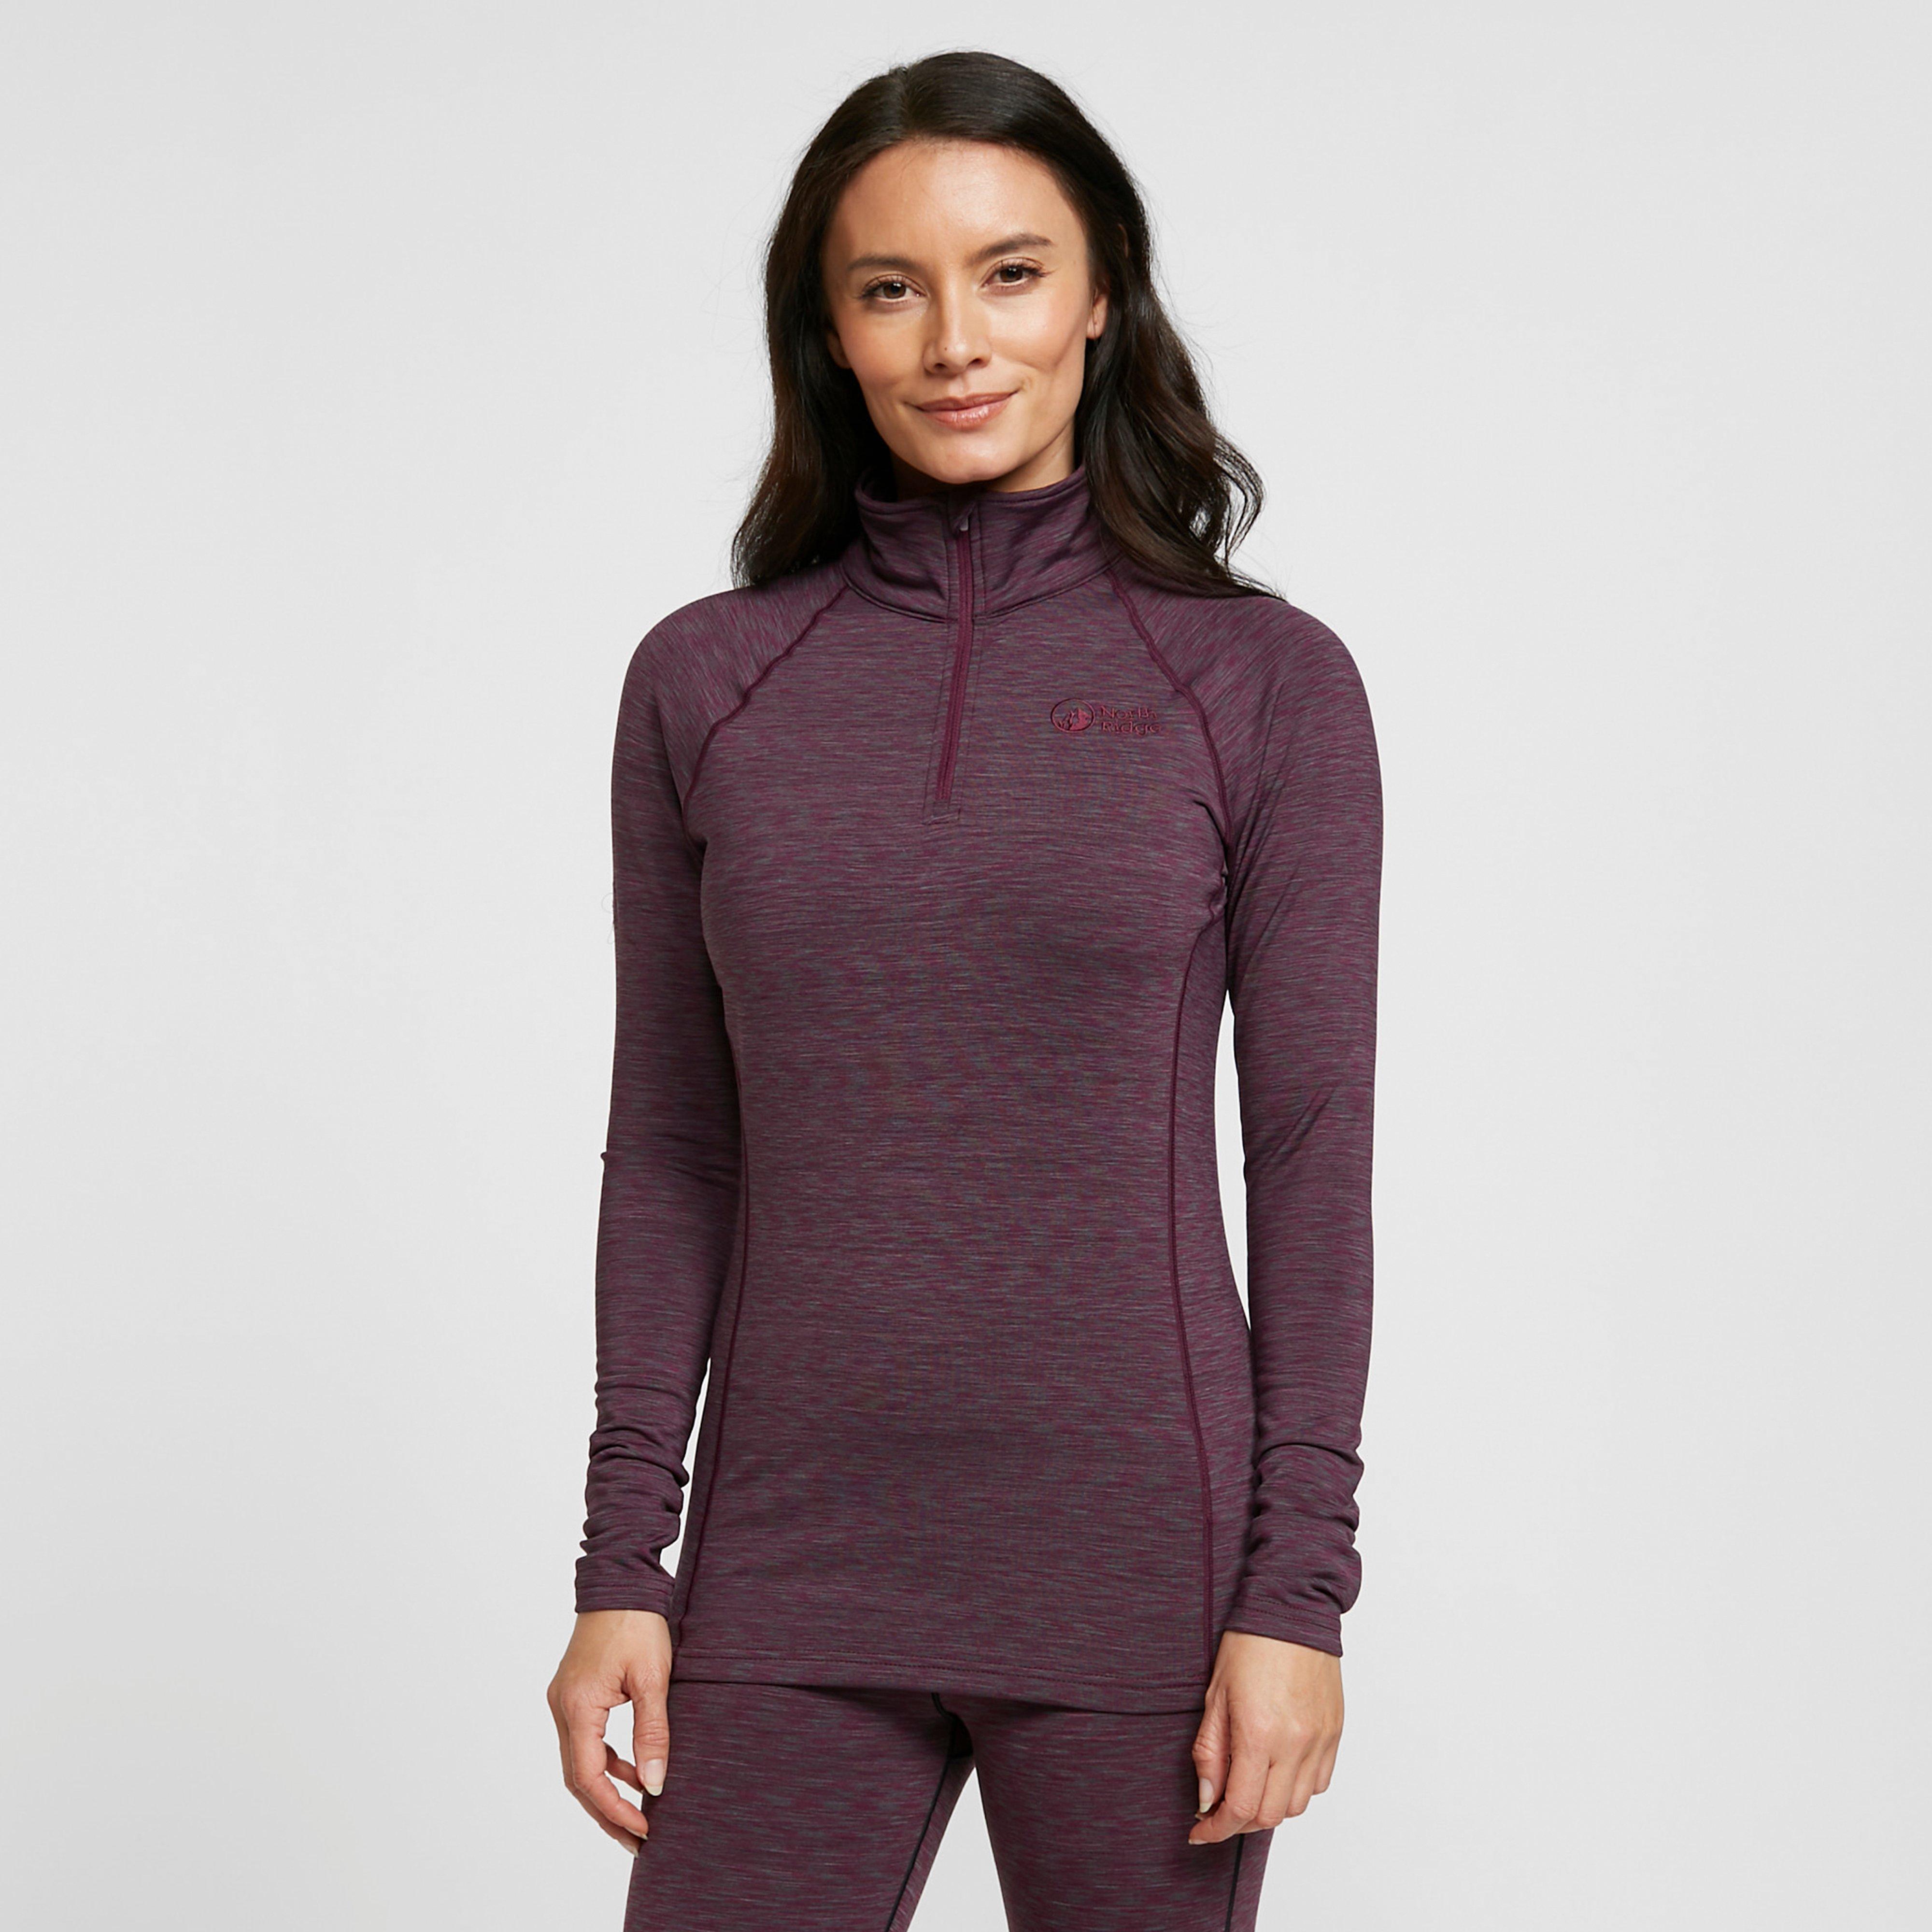 North Ridge Women's Ainslie Half Zip Pullover - Red/Zip, Red